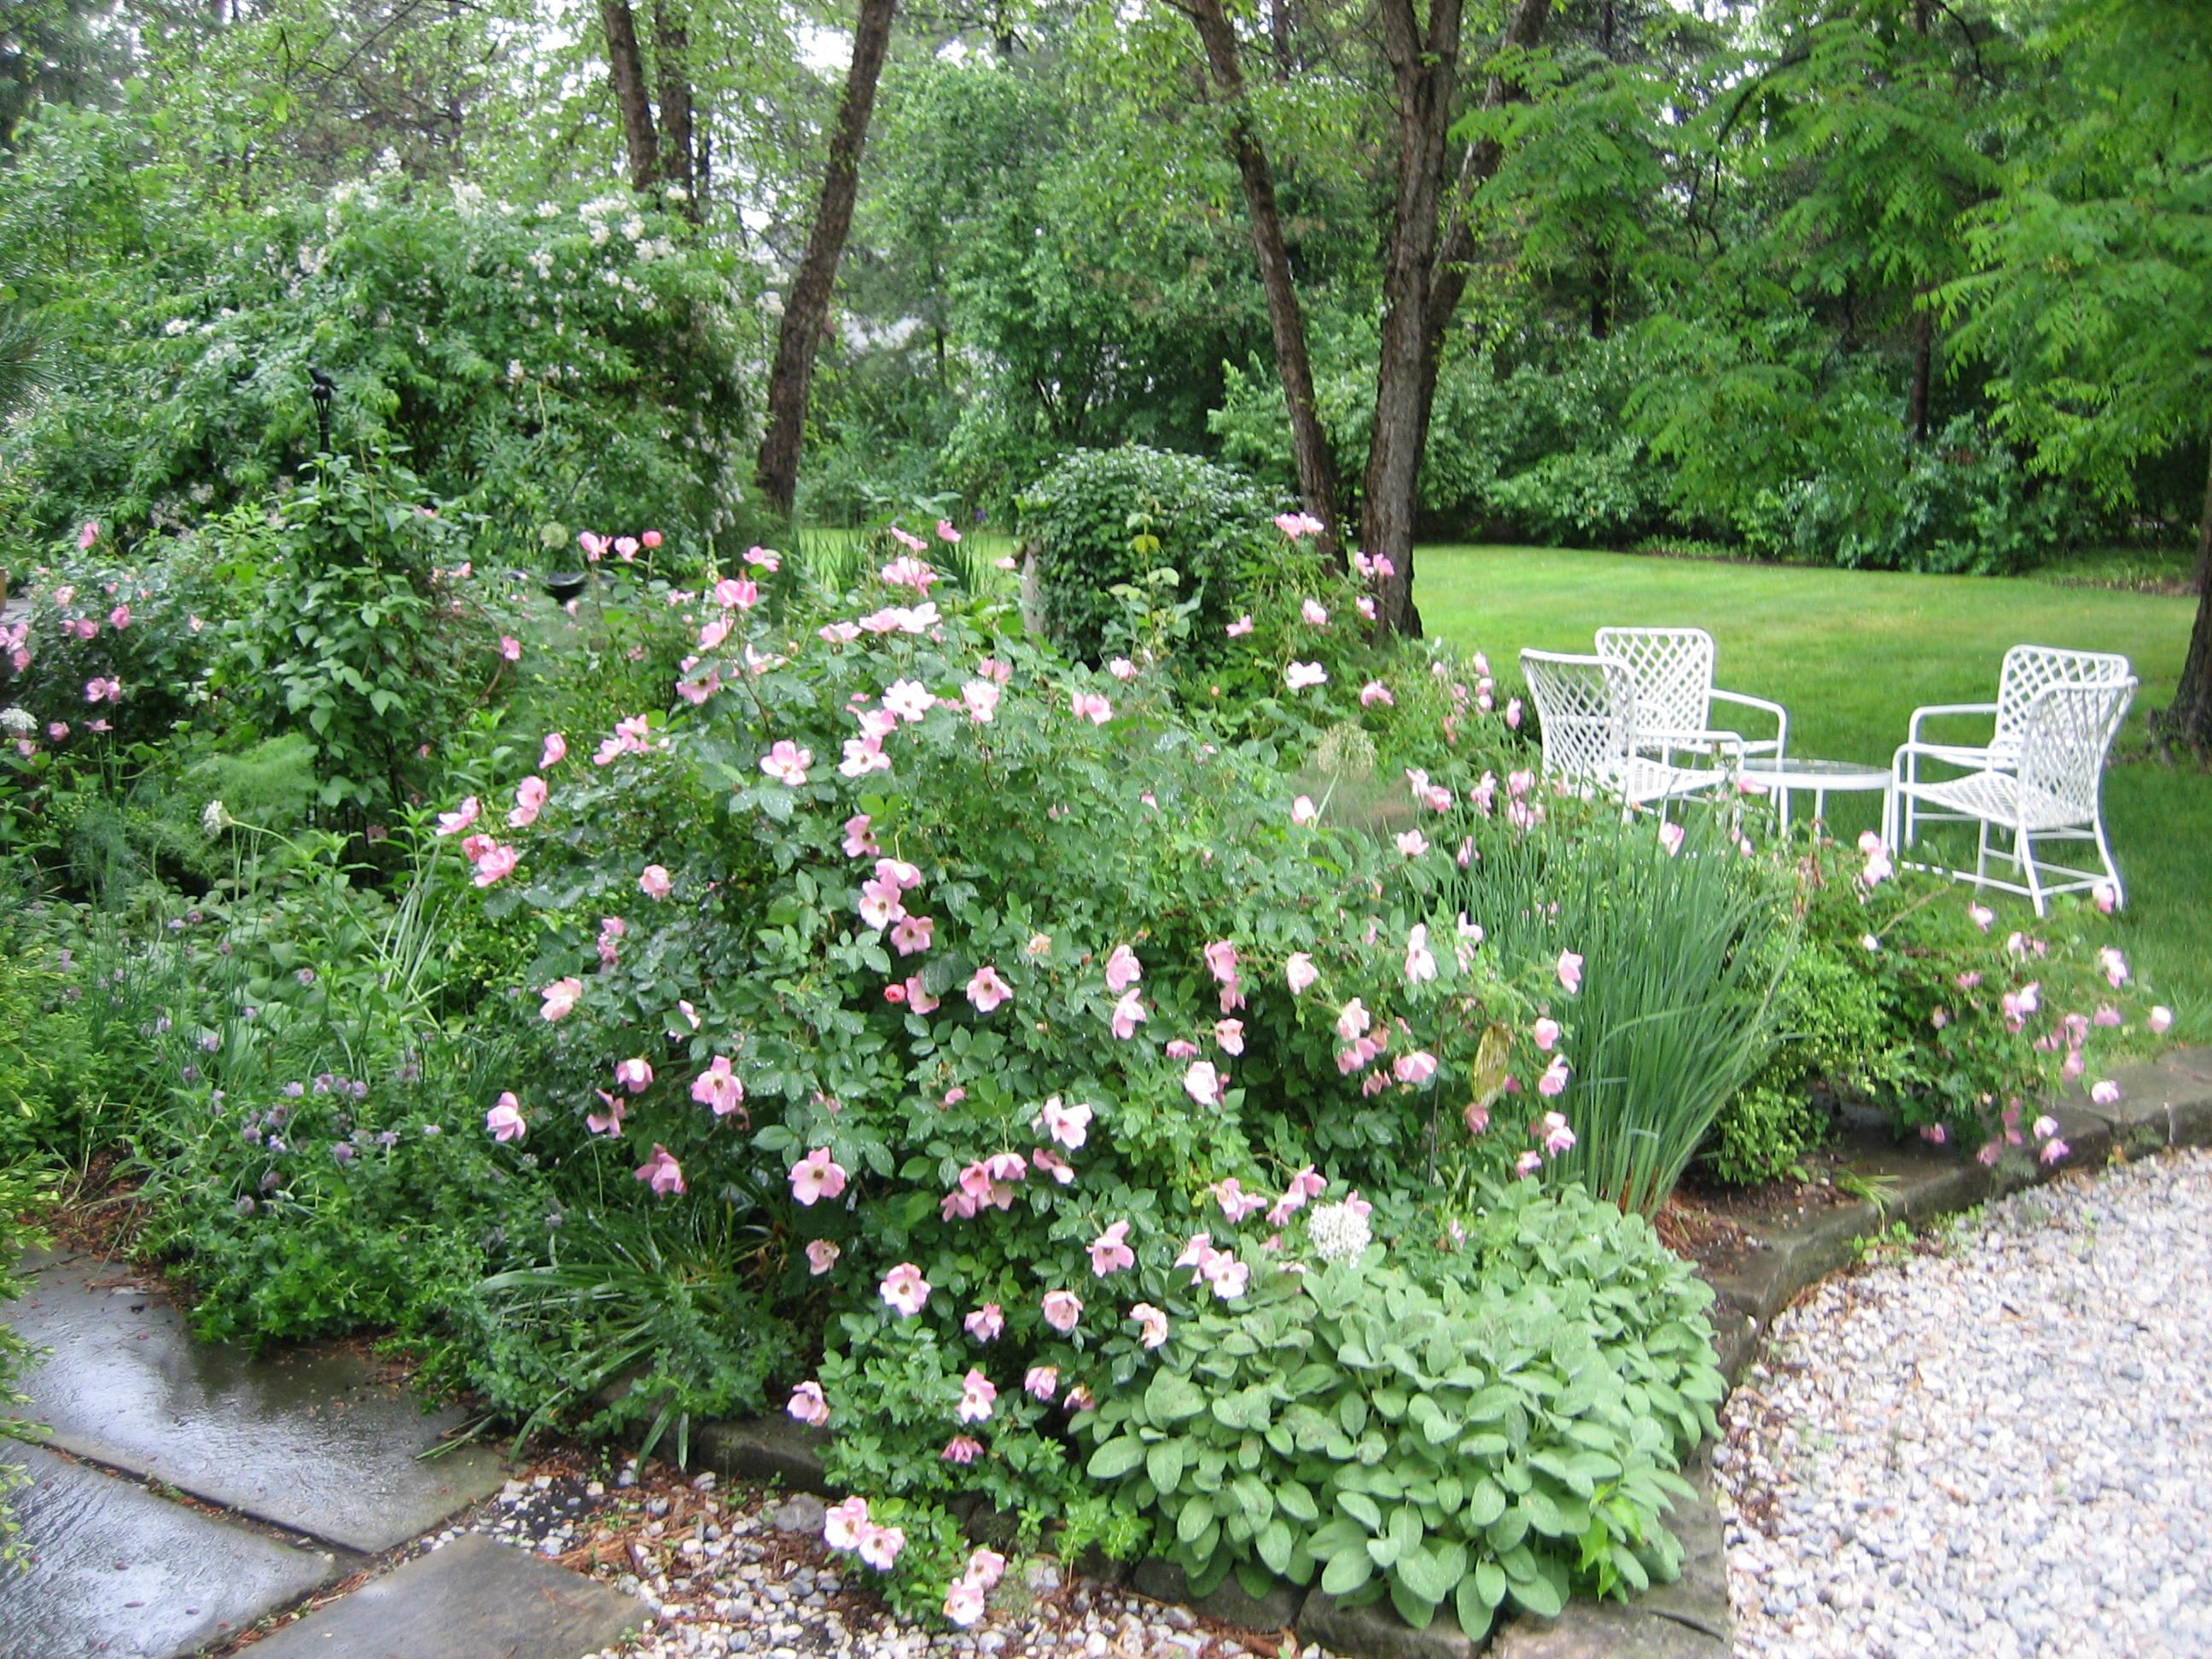 Enchanted Garden: You Are Entering My Enchanted Garden